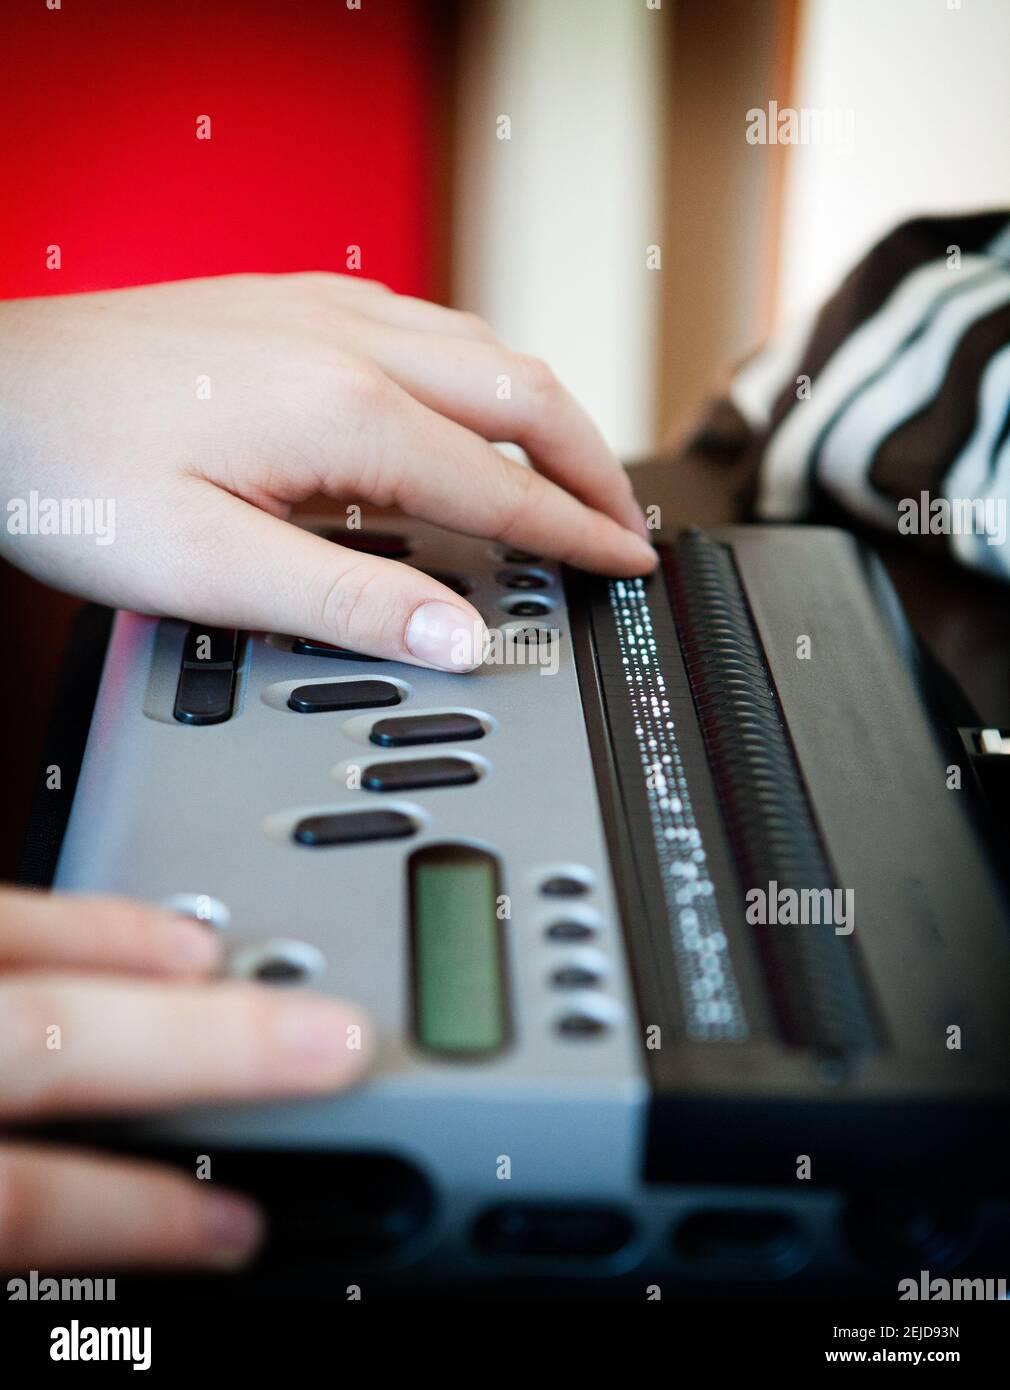 Laptop in Braille-Schrift, der Sehbehinderten Zugang zu Computern ermöglicht. Stockfoto